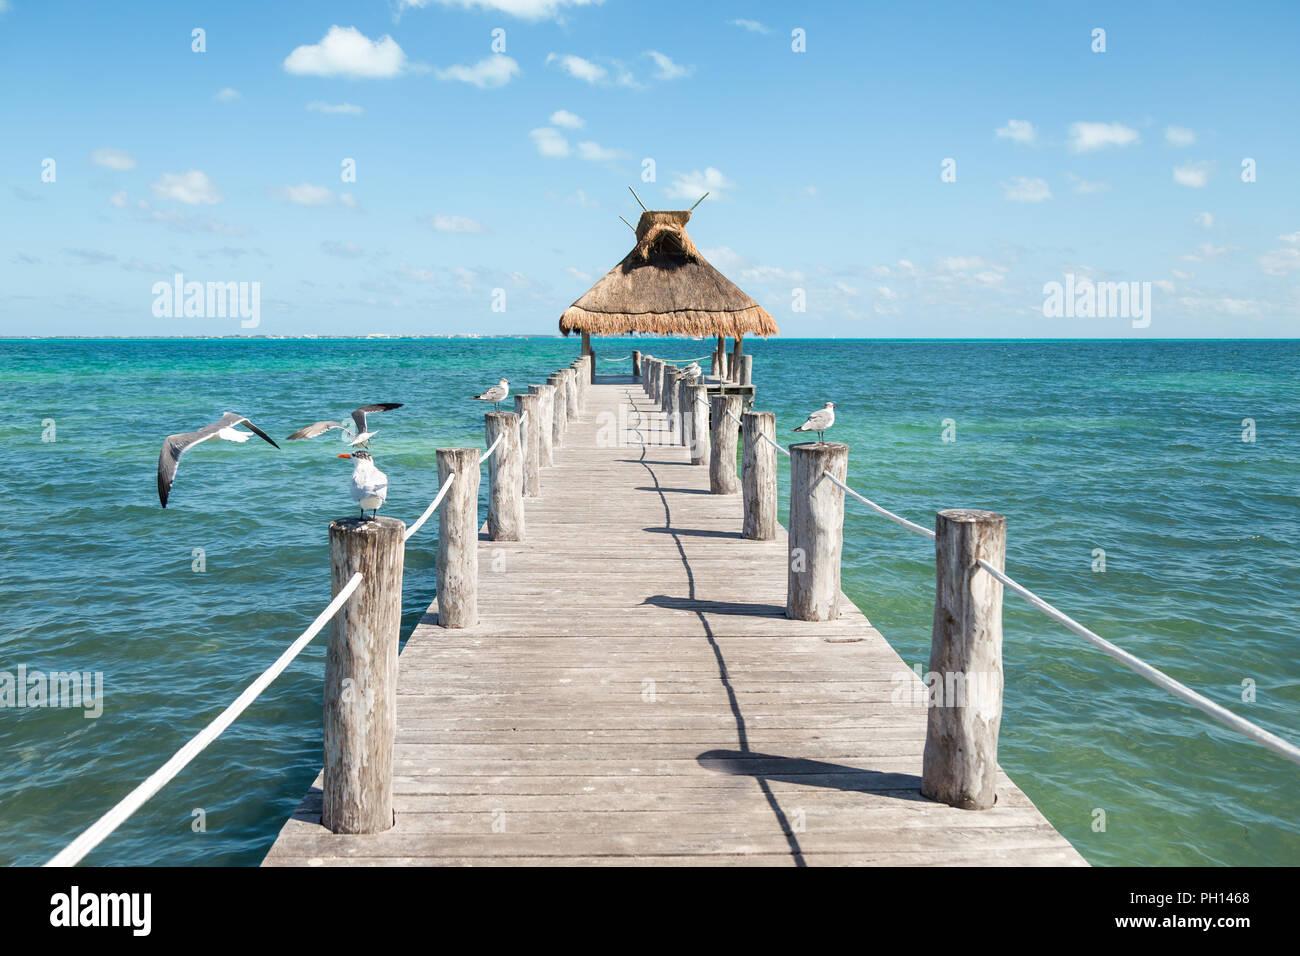 Blick auf das Meer von einem Steg mit Möwen auf beiden Seiten und einem gras dach thront am Ende. Stockbild